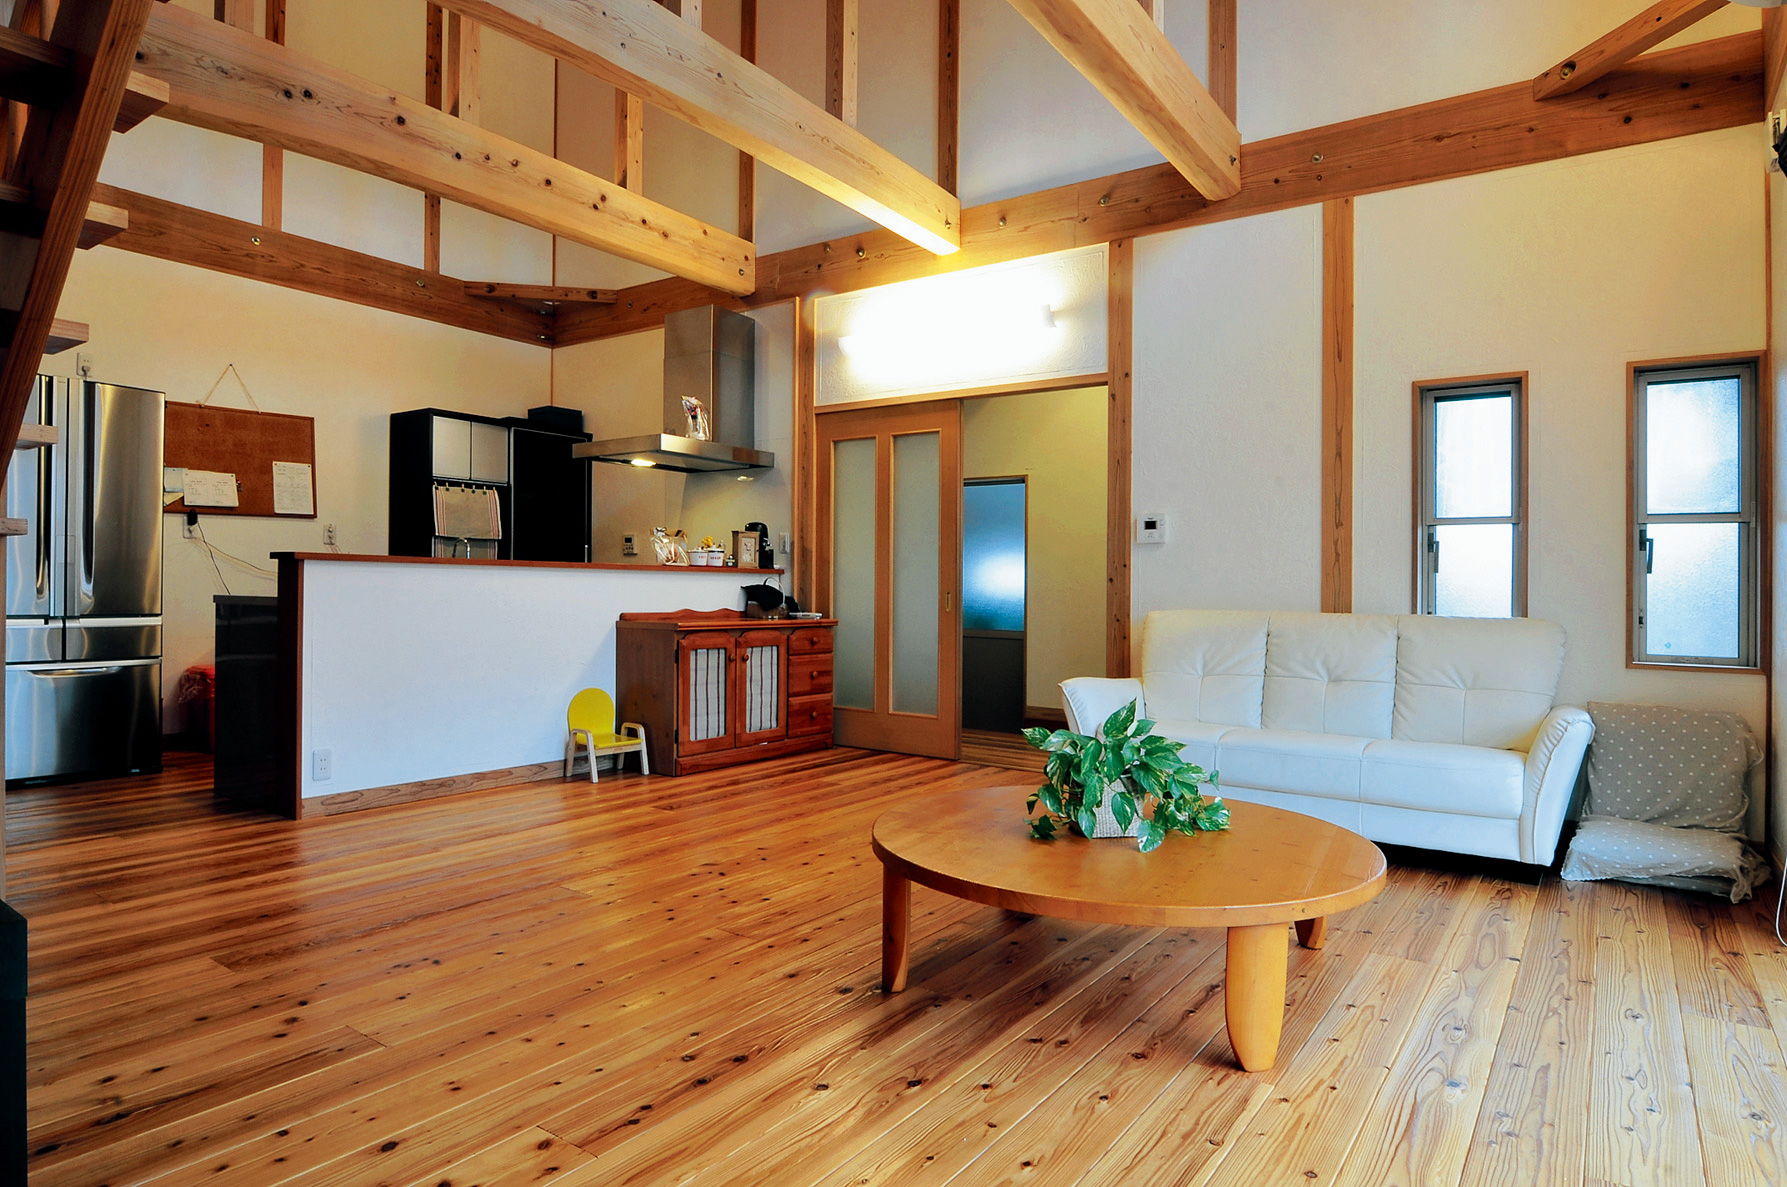 キッチンは内側が見えないよう壁を高めに設定。K邸では埃の滞りやすい釣り下げ照明を極力避け、ダウンライトや直付け照明を多用している